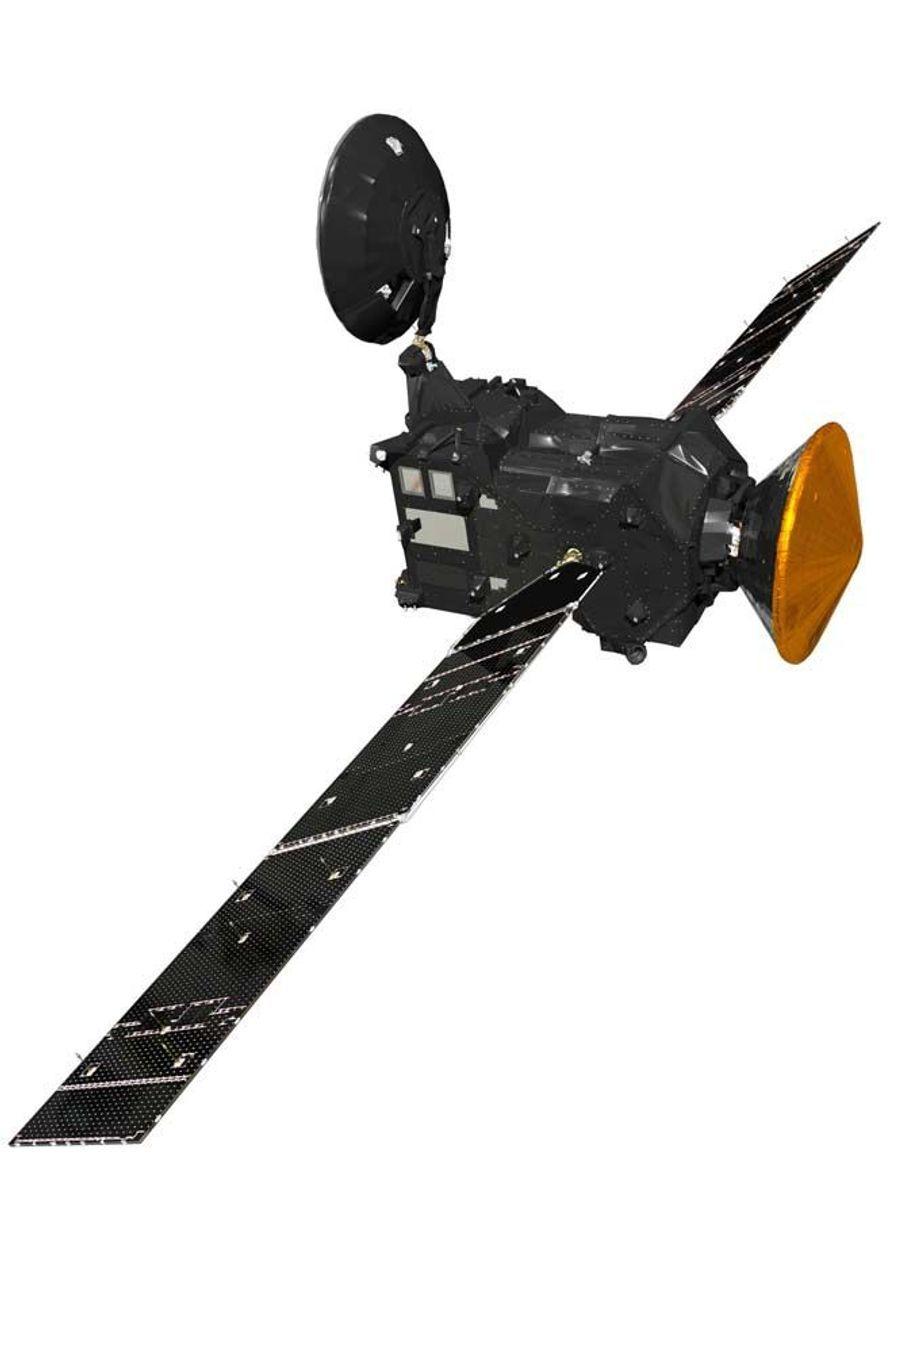 L'année 2015 a été riche en actualités spatiales. Entre les épisodesRosetta et Philaesur la comète Tchouri, ladécouverte d'eau liquidesur Mars,les magnifiques clichésde la planète naine Pluton,la conquête spatialede Jeff Bezos, oules mystérieuses lumières de Cérès, les mordus d'étoiles ont été servis.Au mois de mars, l'Agence spatiale européenne (ESA) va débuter la mission «Exomars». Une mission qui consiste à envoyer un module en orbite autour de la planète rouge afin de collecter des informations sur celle-ci. Les scientifiques cherchent à vérifier l'existence de méthane et d'autres gaz atmosphériques, qui pourrait être des signatures de processus biologiques ou géologique.Ce travail vise également à préparer la suite de la mission, qui prévoit l'arrivée en 2018 d'un vaisseau spatial non habité contenant un véhicule tout terrain des instruments scientifiques.